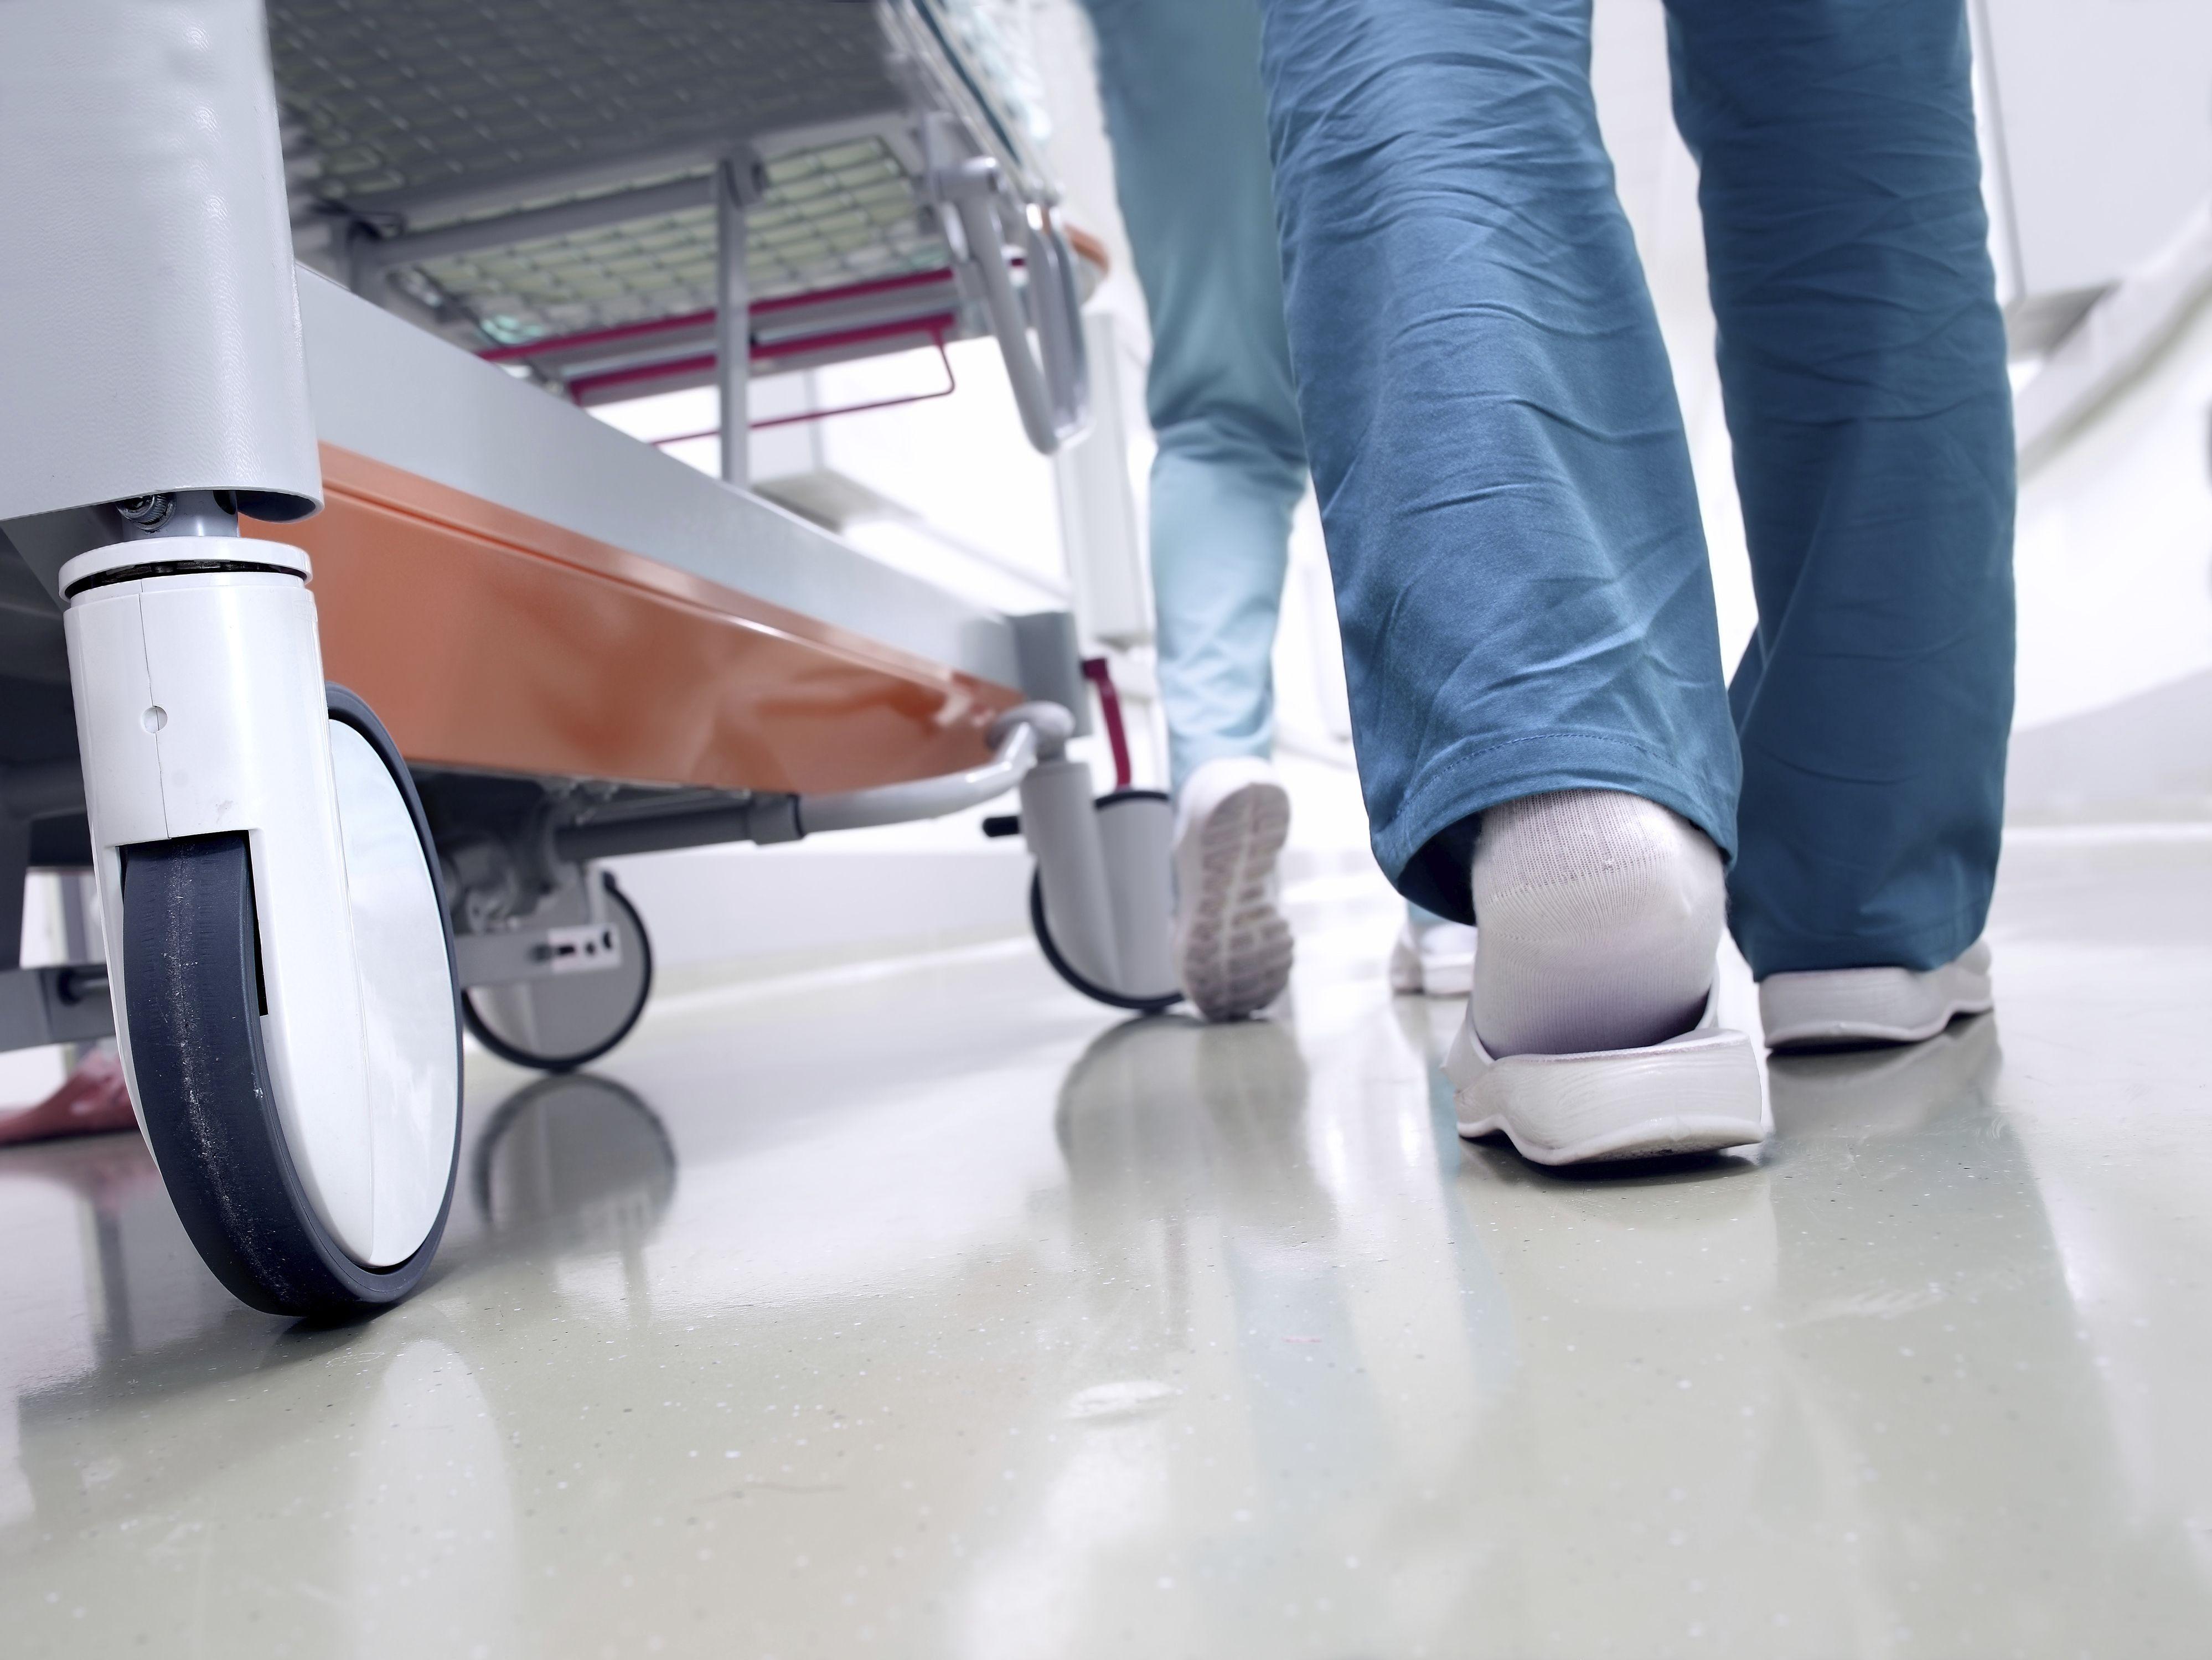 Servicio de Urgencias: Nuestros Servicios de Consultori Medic Creu Blava